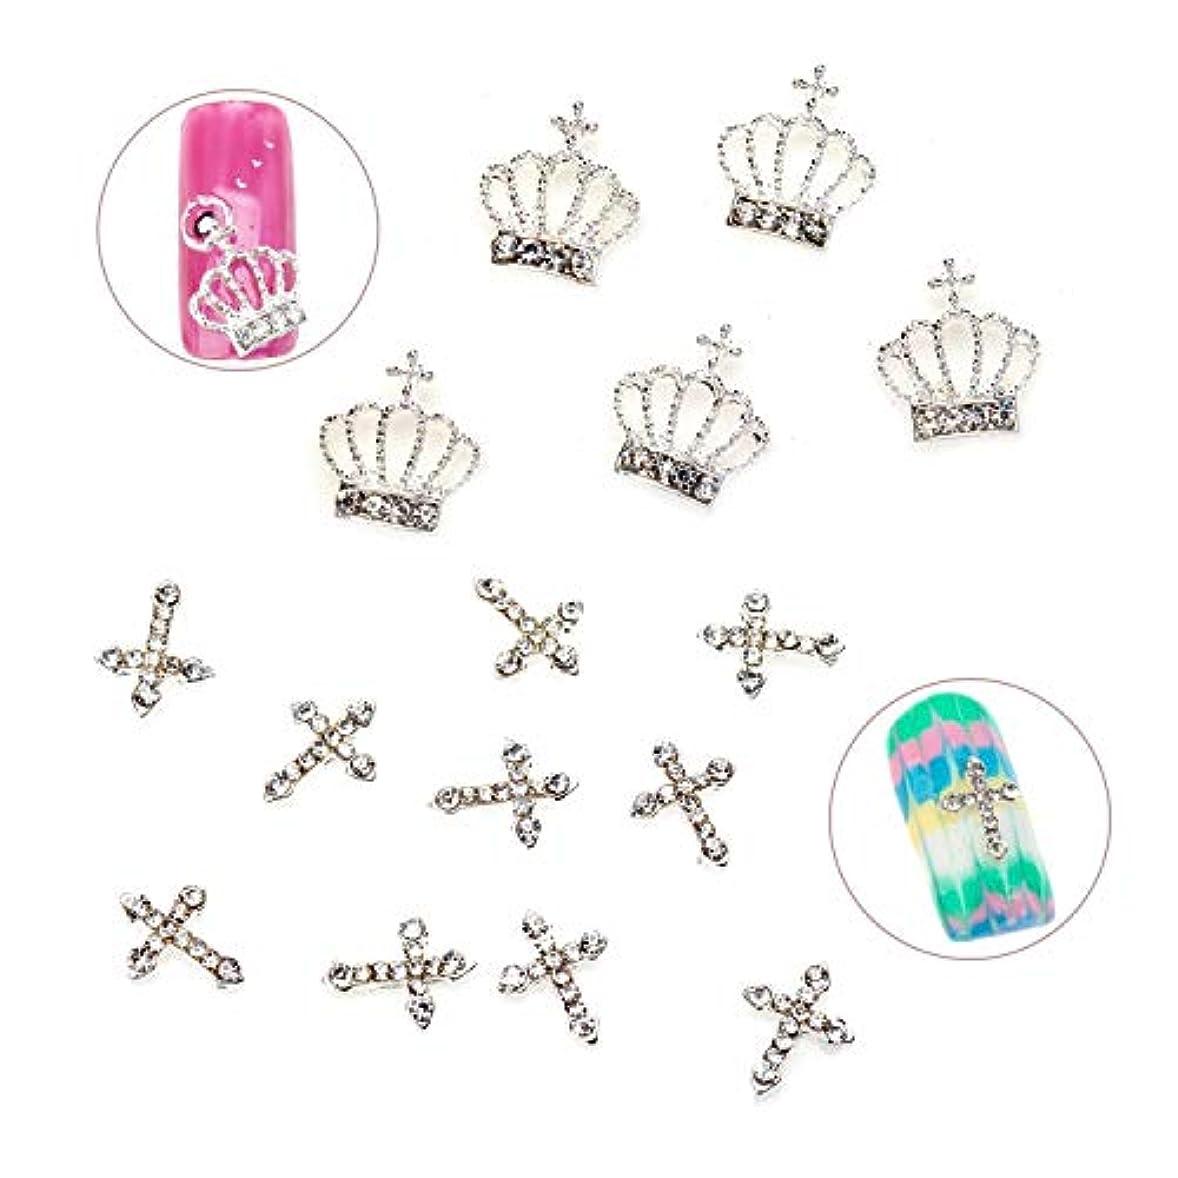 ストラップ証拠ラフトラインストーン/宝石/クリスタル/宝石と王冠と十字架を含む15個の品質の金属3D装飾のユニークなプロのネイルアートセット